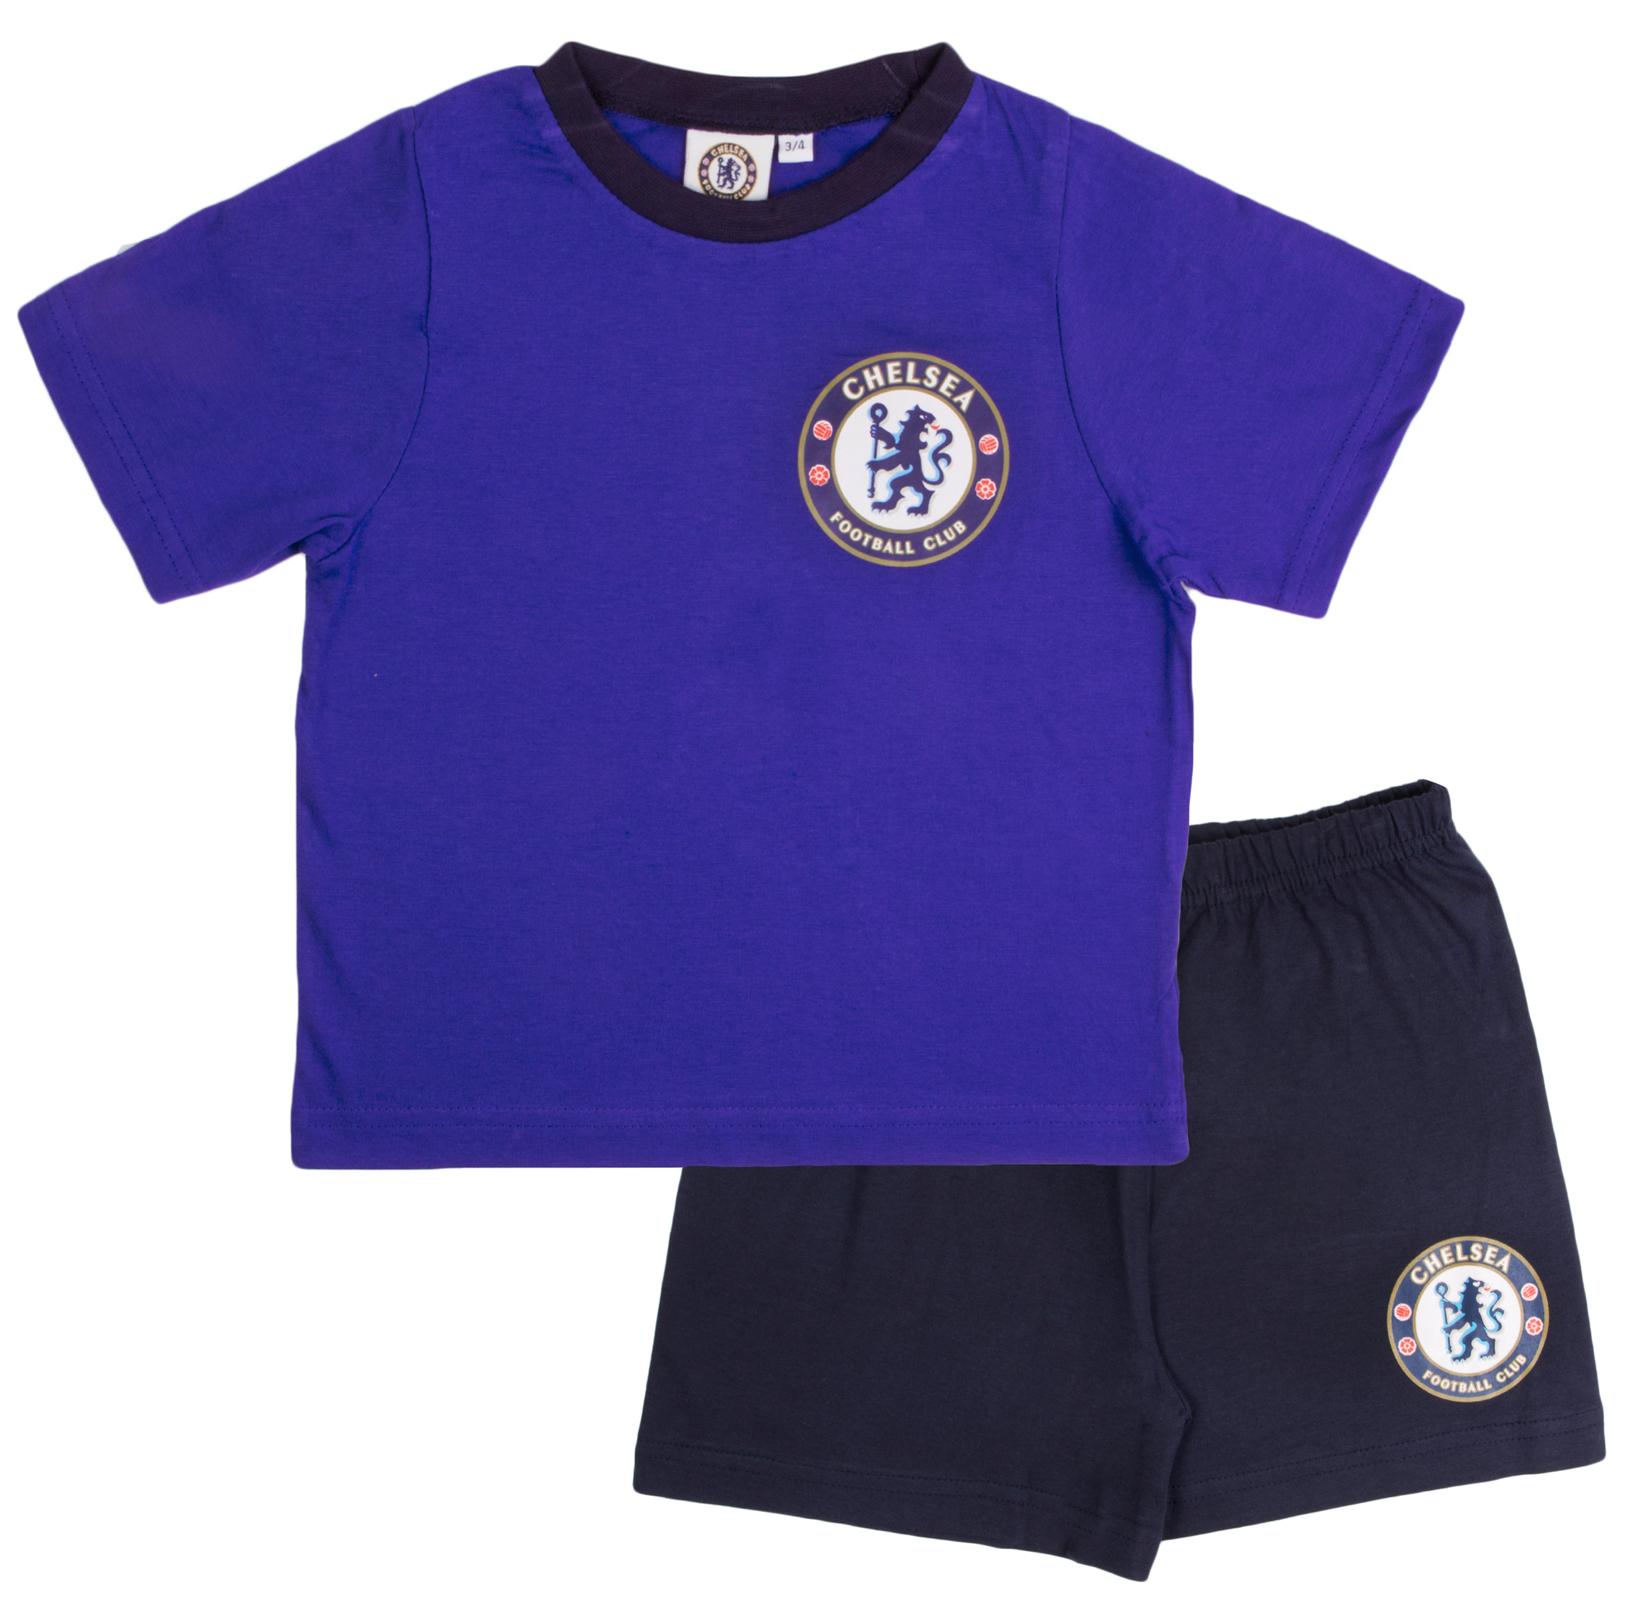 Garçons Officiel Chelsea Court Pyjamas 100/% Coton Football Shortie Pjs enfant taille